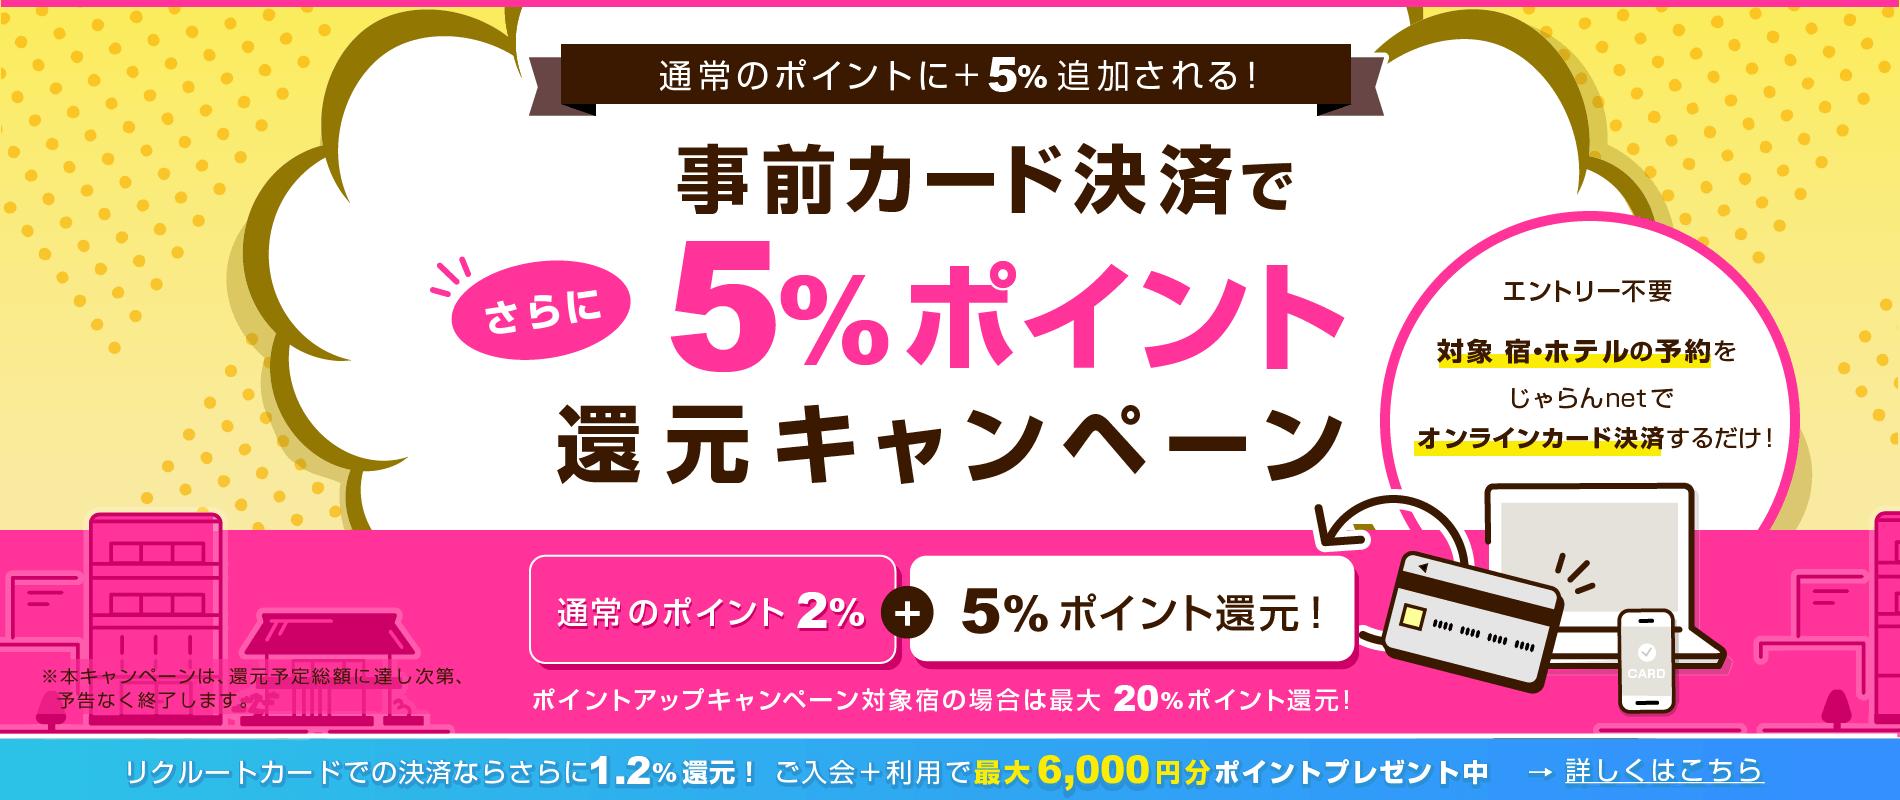 事前カード決済でさらに+5%ポイント還元キャンペーン